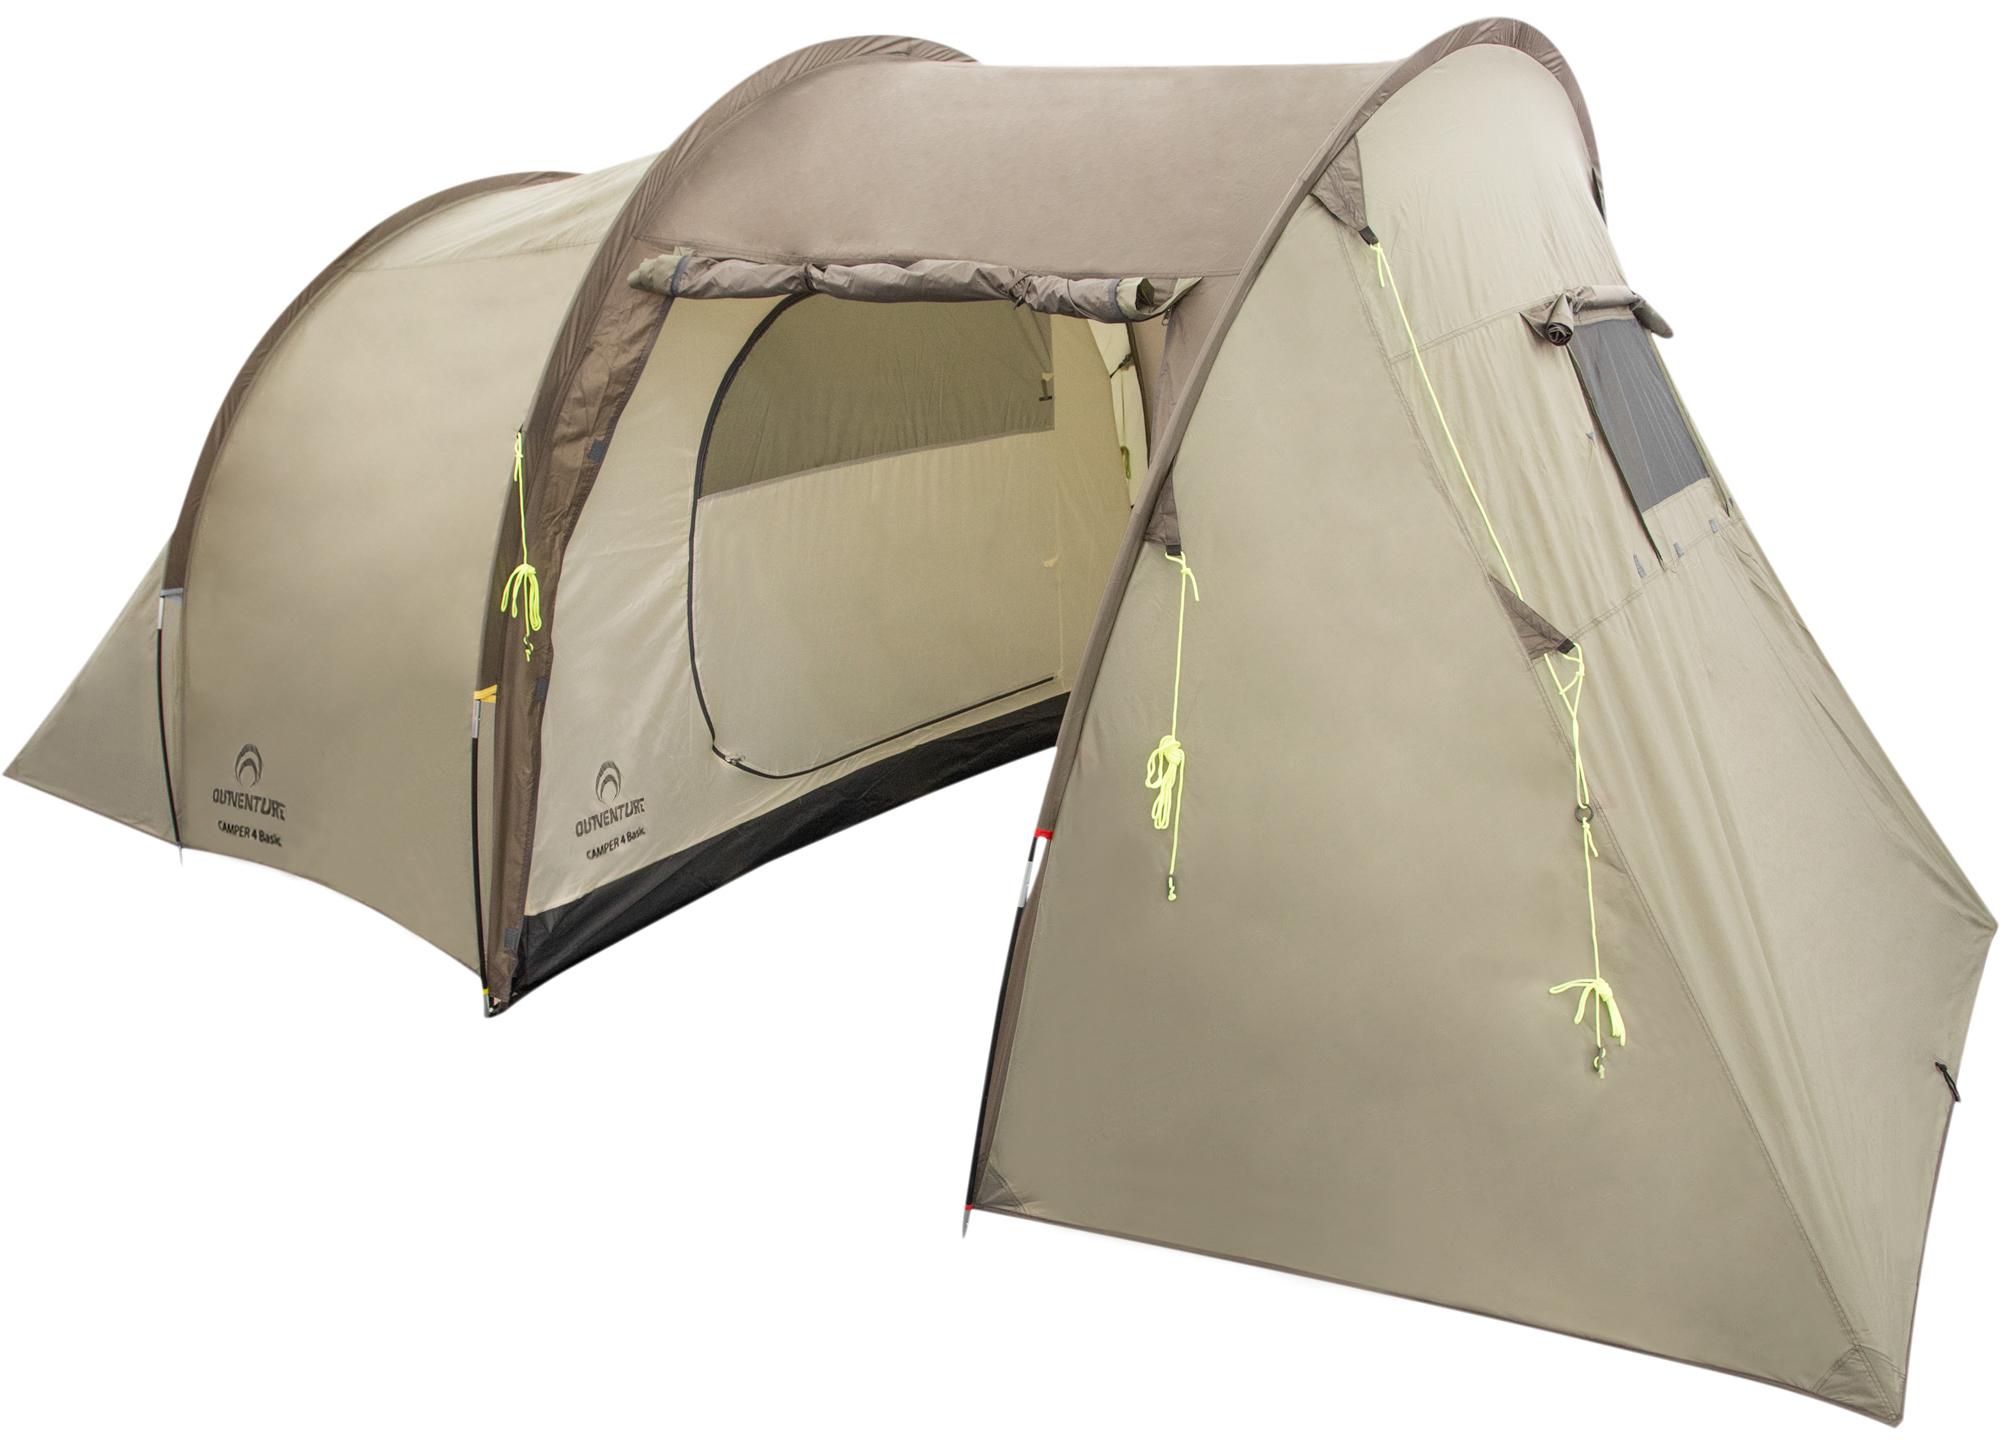 Outventure Палатка 4-местная Outventure Camper 4 Basic зимняя палатка медведь 4 купить